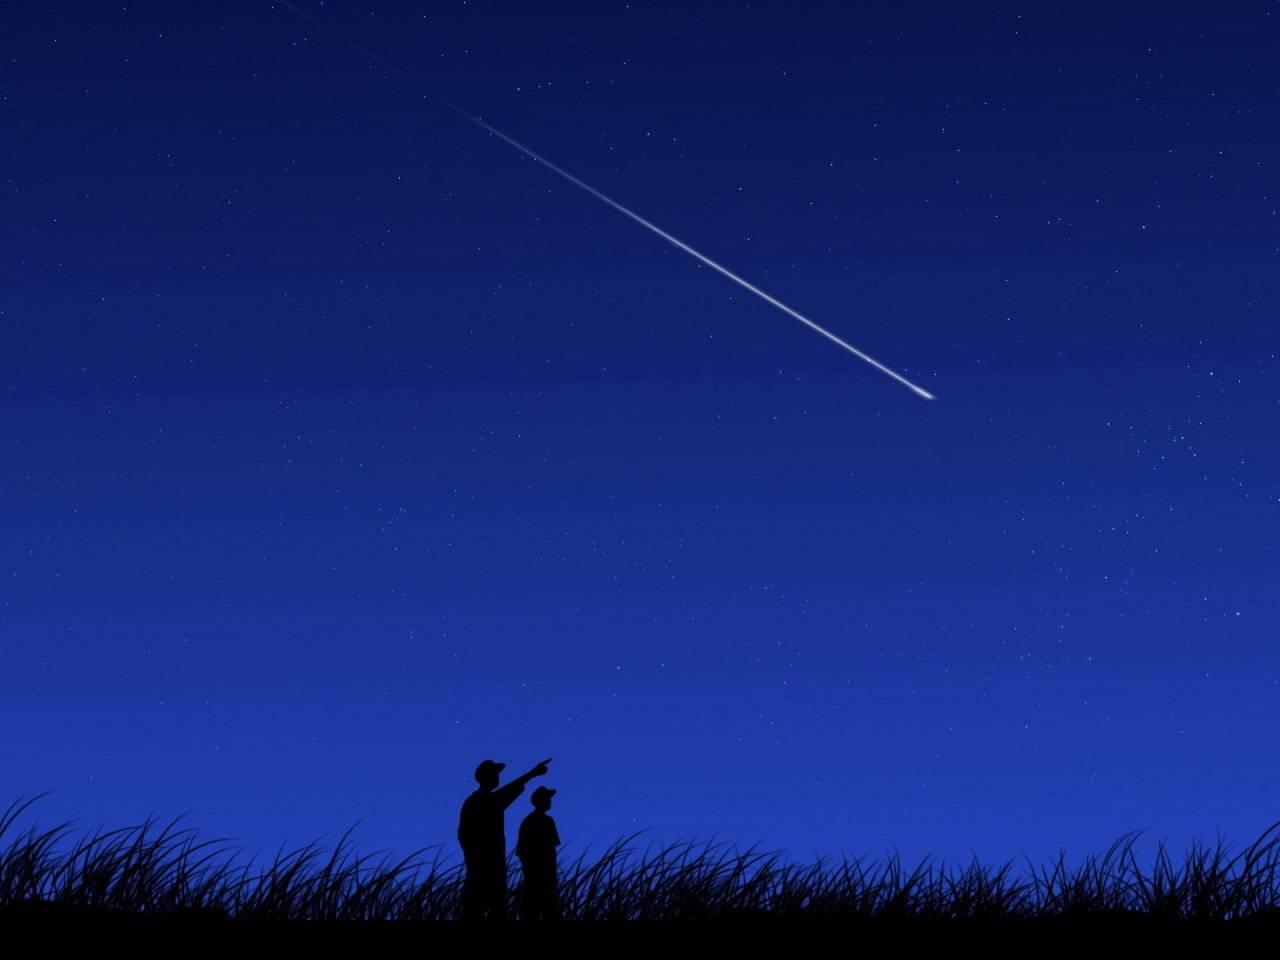 Sarà-un-Natale-da-ricordare-con-Luna-piena-stelle-cadenti-e-una-cometa